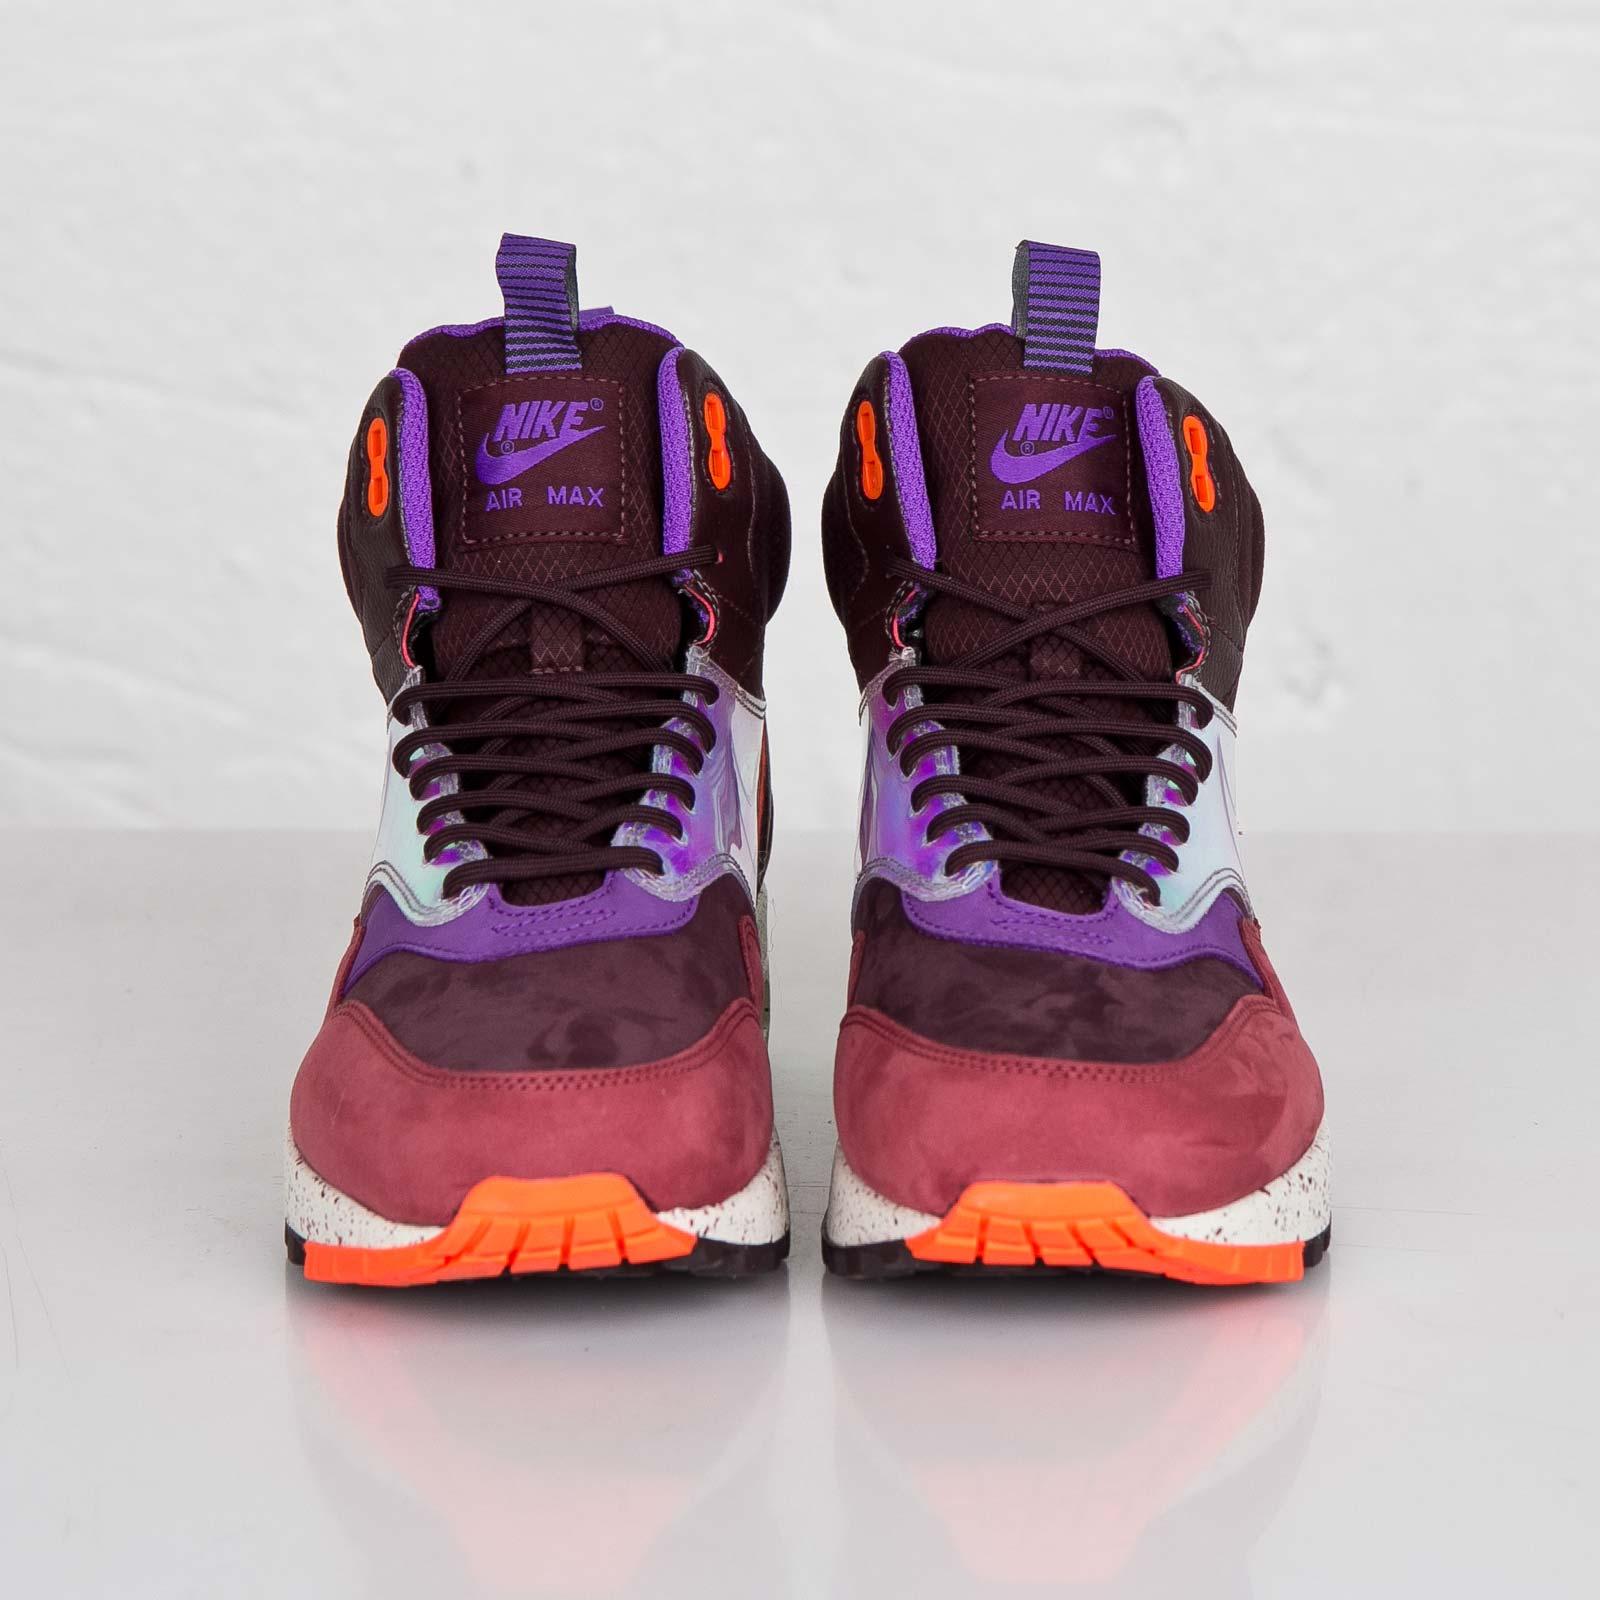 65c246a633 Nike WMNS Air Max 1 Mid Sneakerboot WP - 685269-600 - Sneakersnstuff |  sneakers & streetwear online since 1999